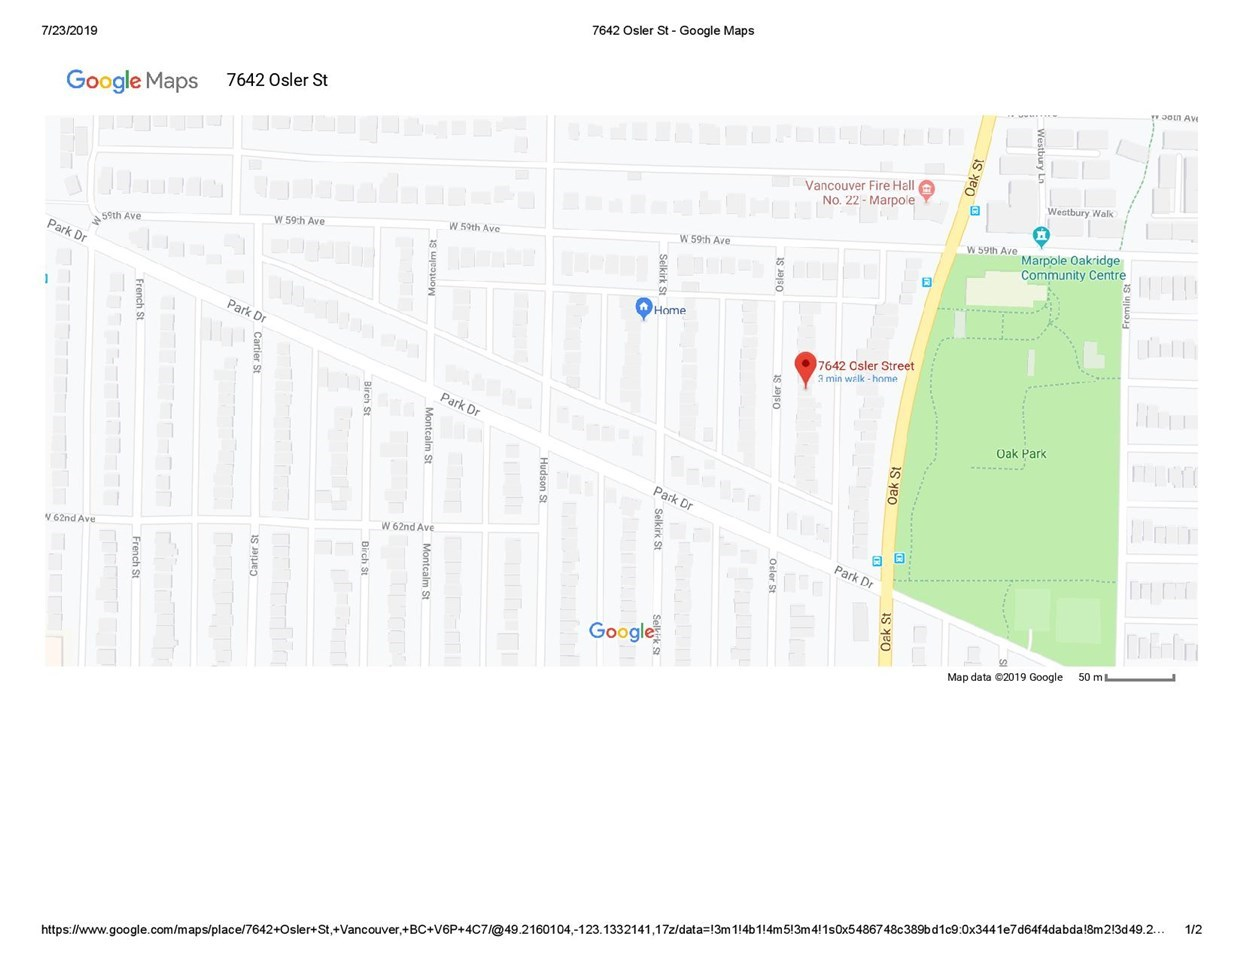 7642 OSLER STREET - MLS® # R2430753